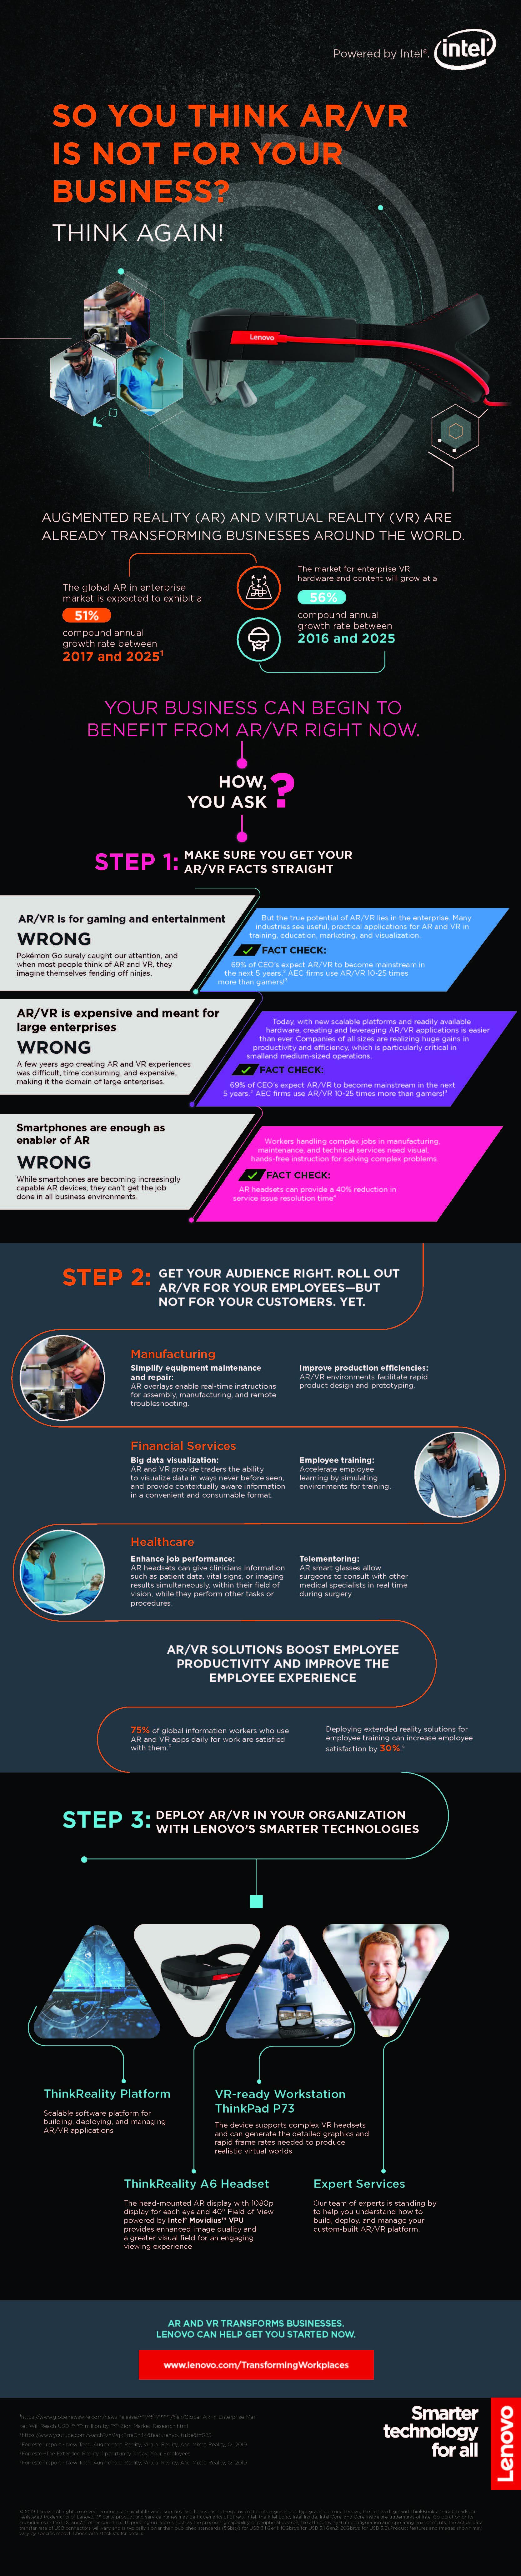 TW_Infographic2_opt2_091319